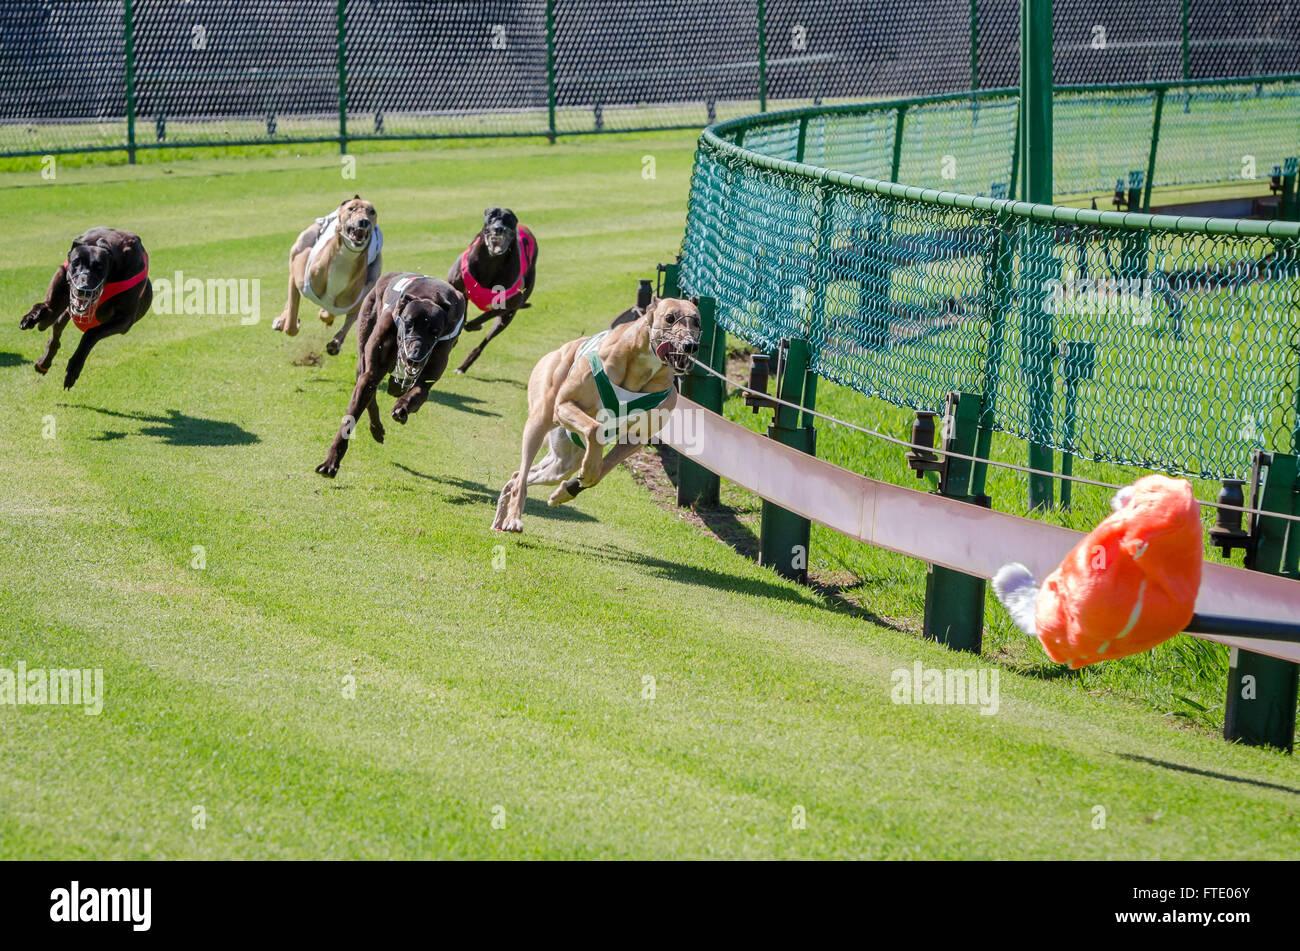 Greyhound Australia Stock Photos & Greyhound Australia Stock Images